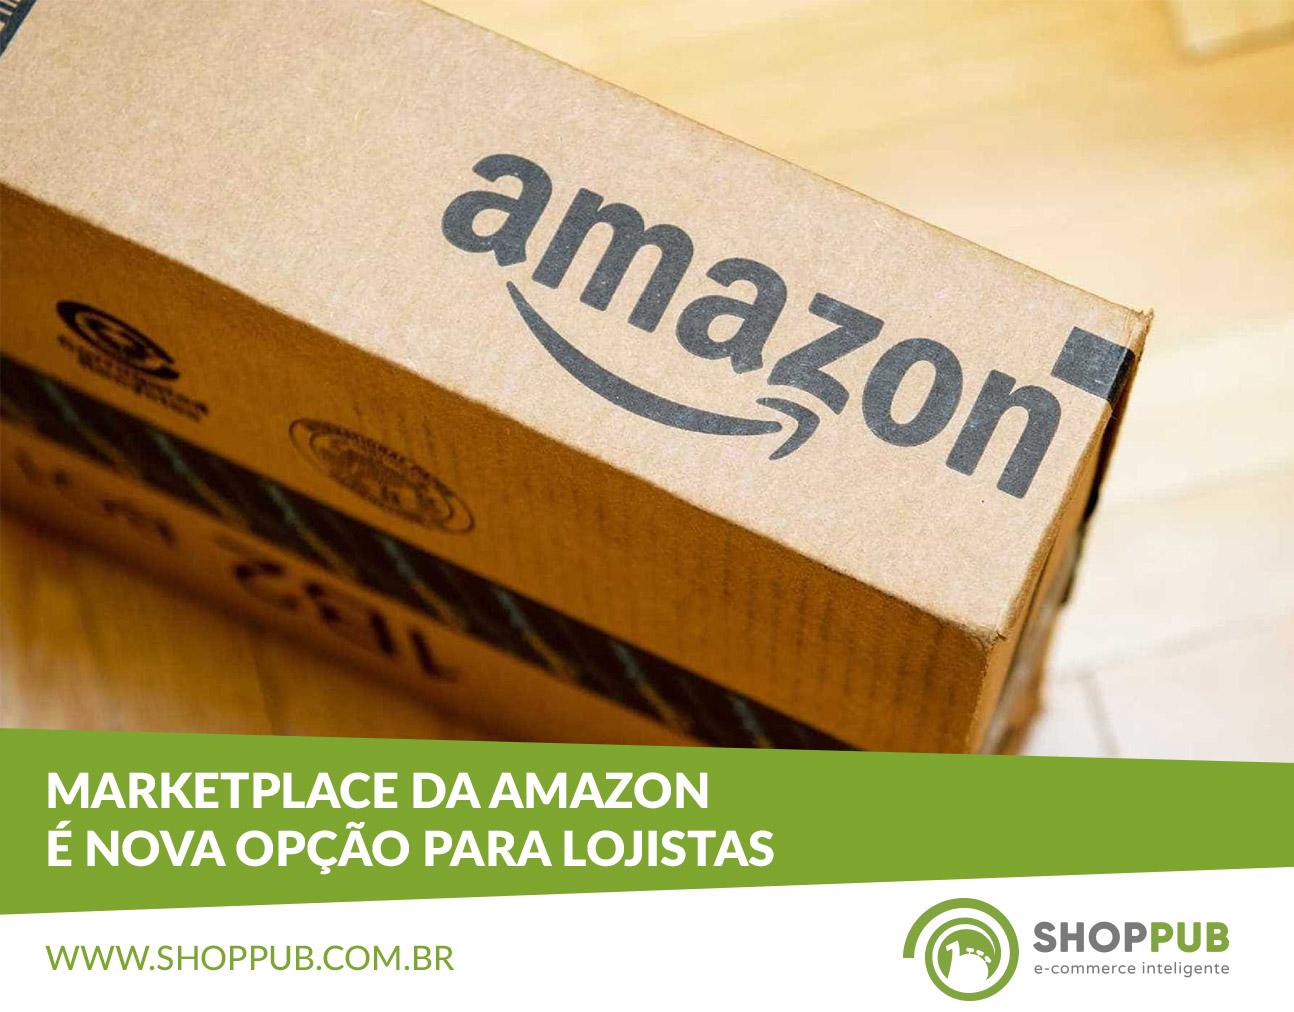 Marketplace da Amazon é nova opção para lojistas